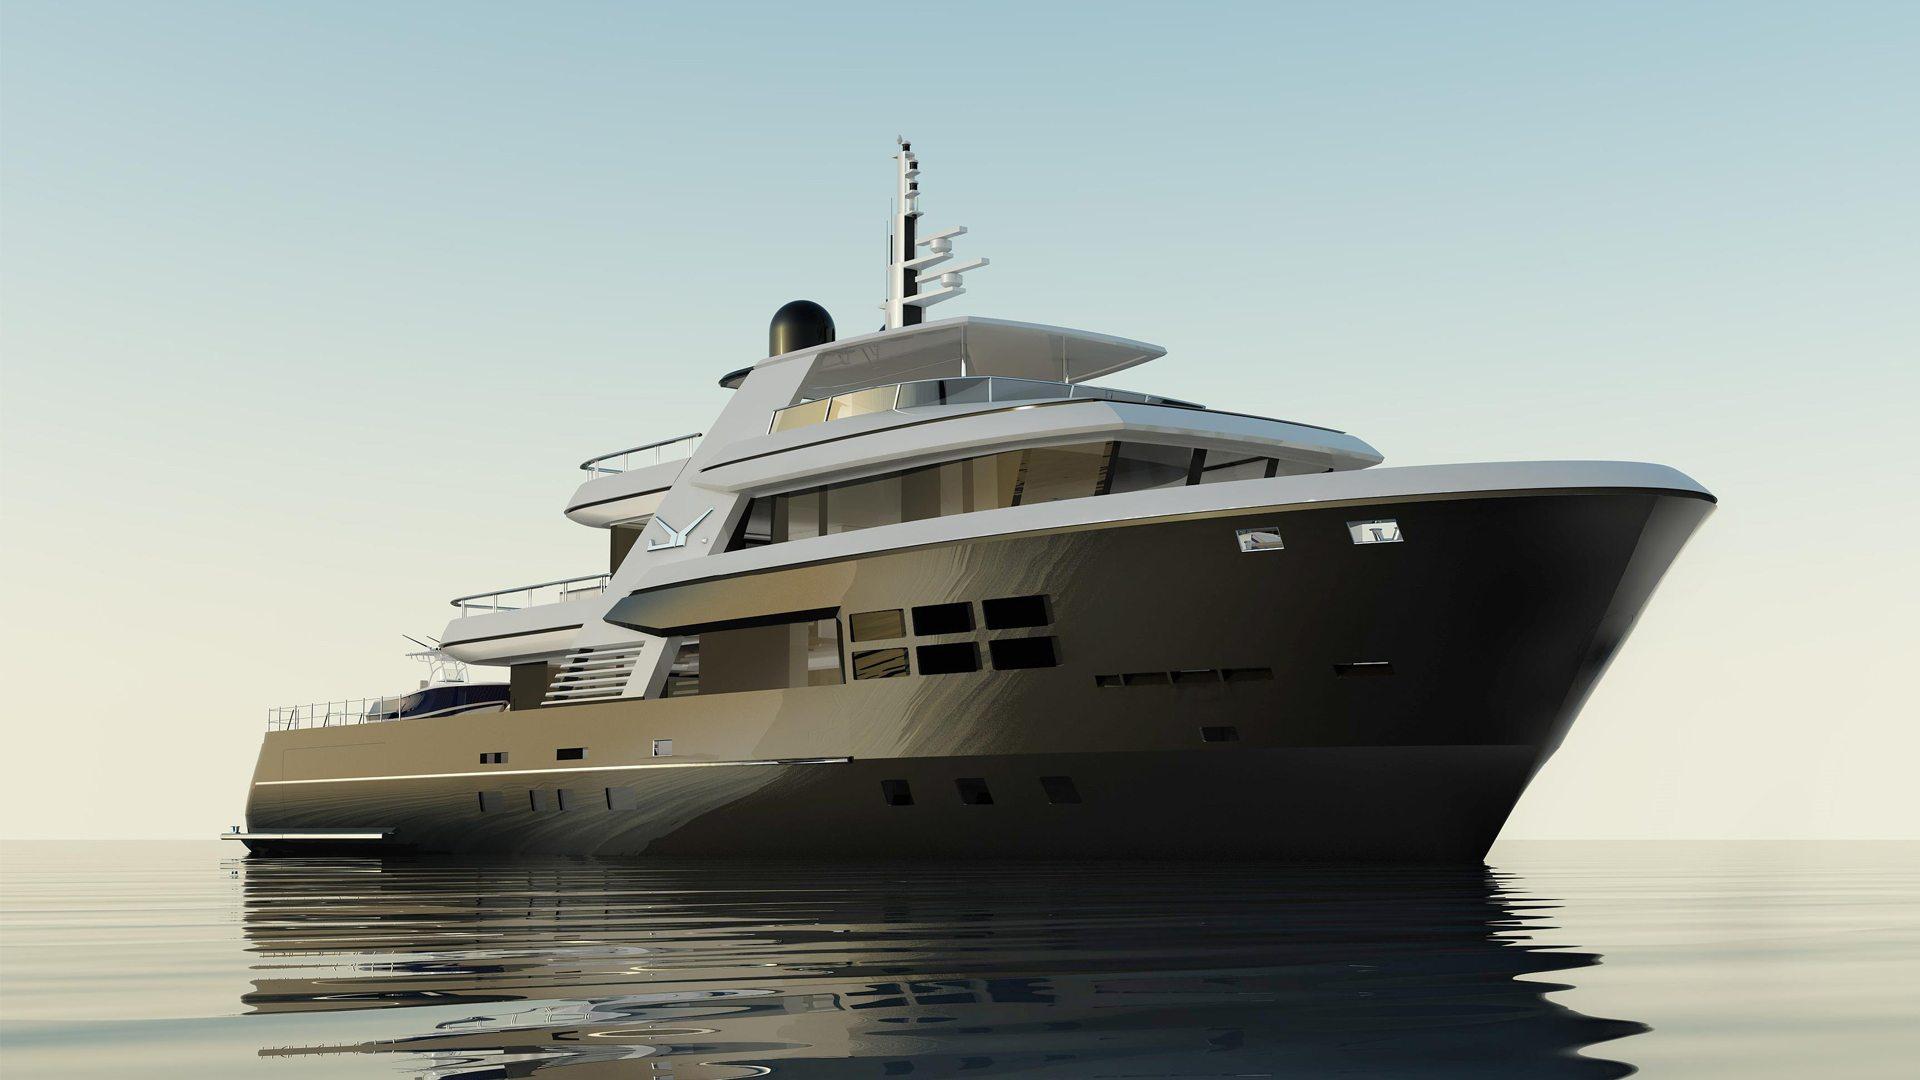 About Bandido Yachts -  - Drettmann Yachts